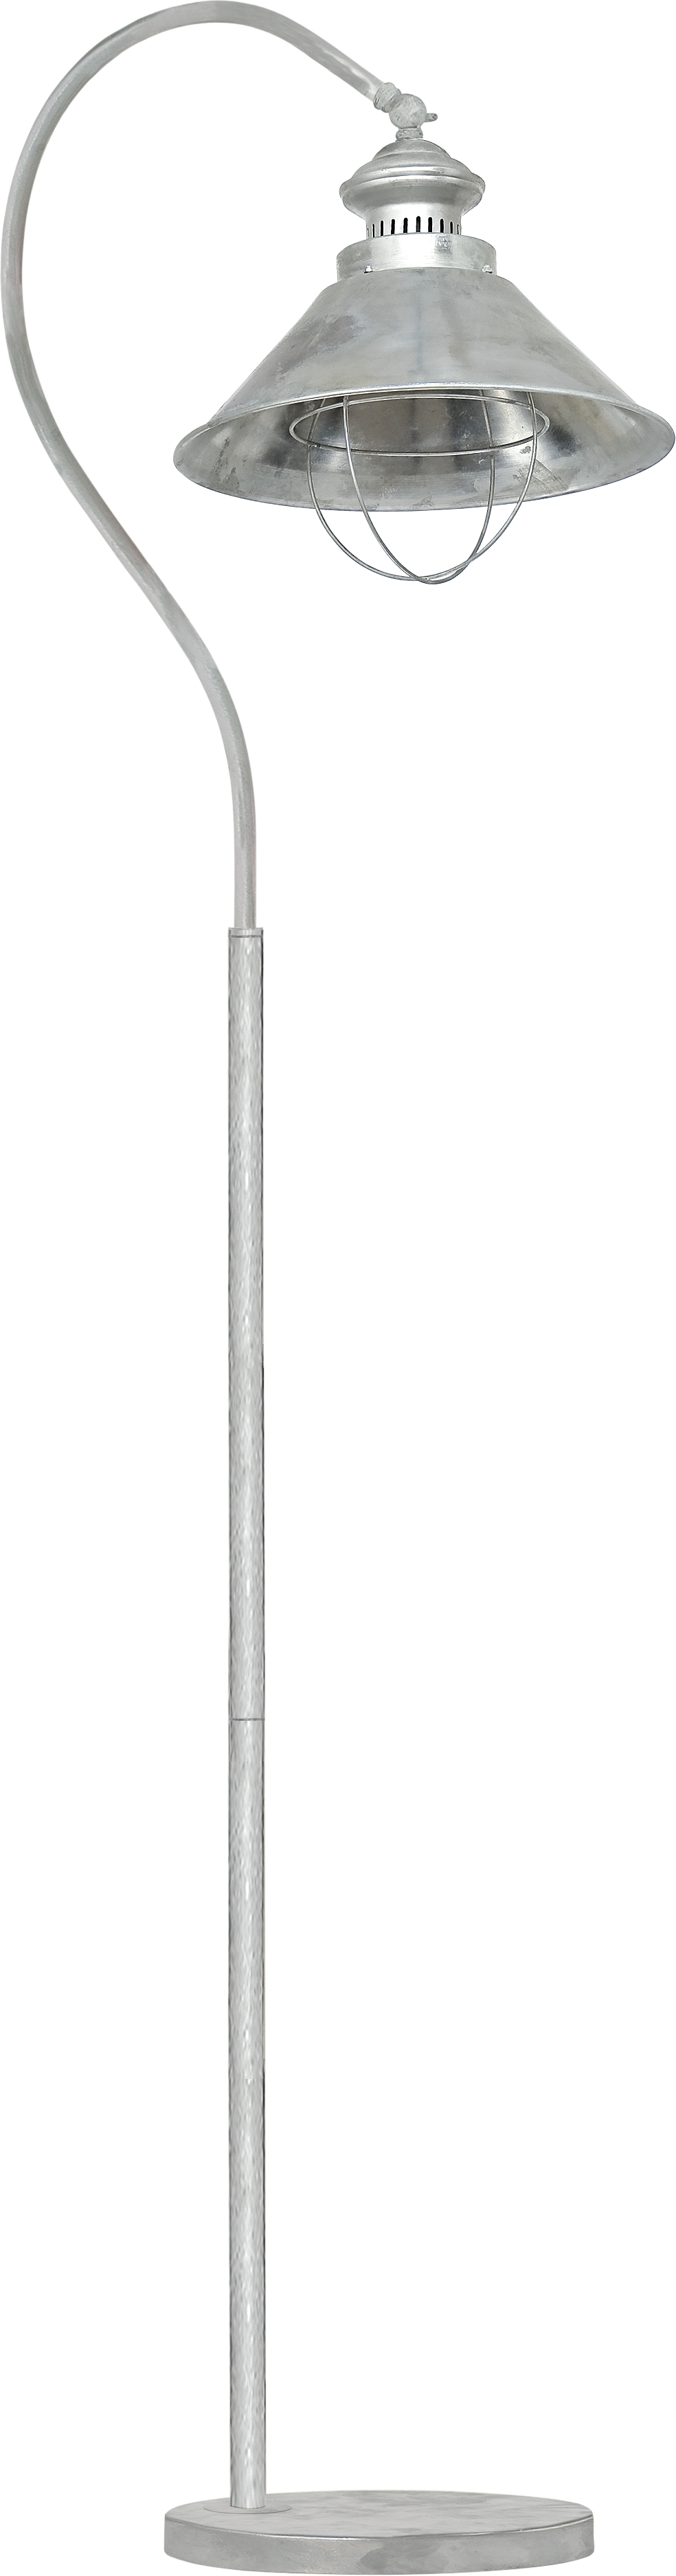 Klasická stojanová lampa 5065 Loft (Nowodvorski)